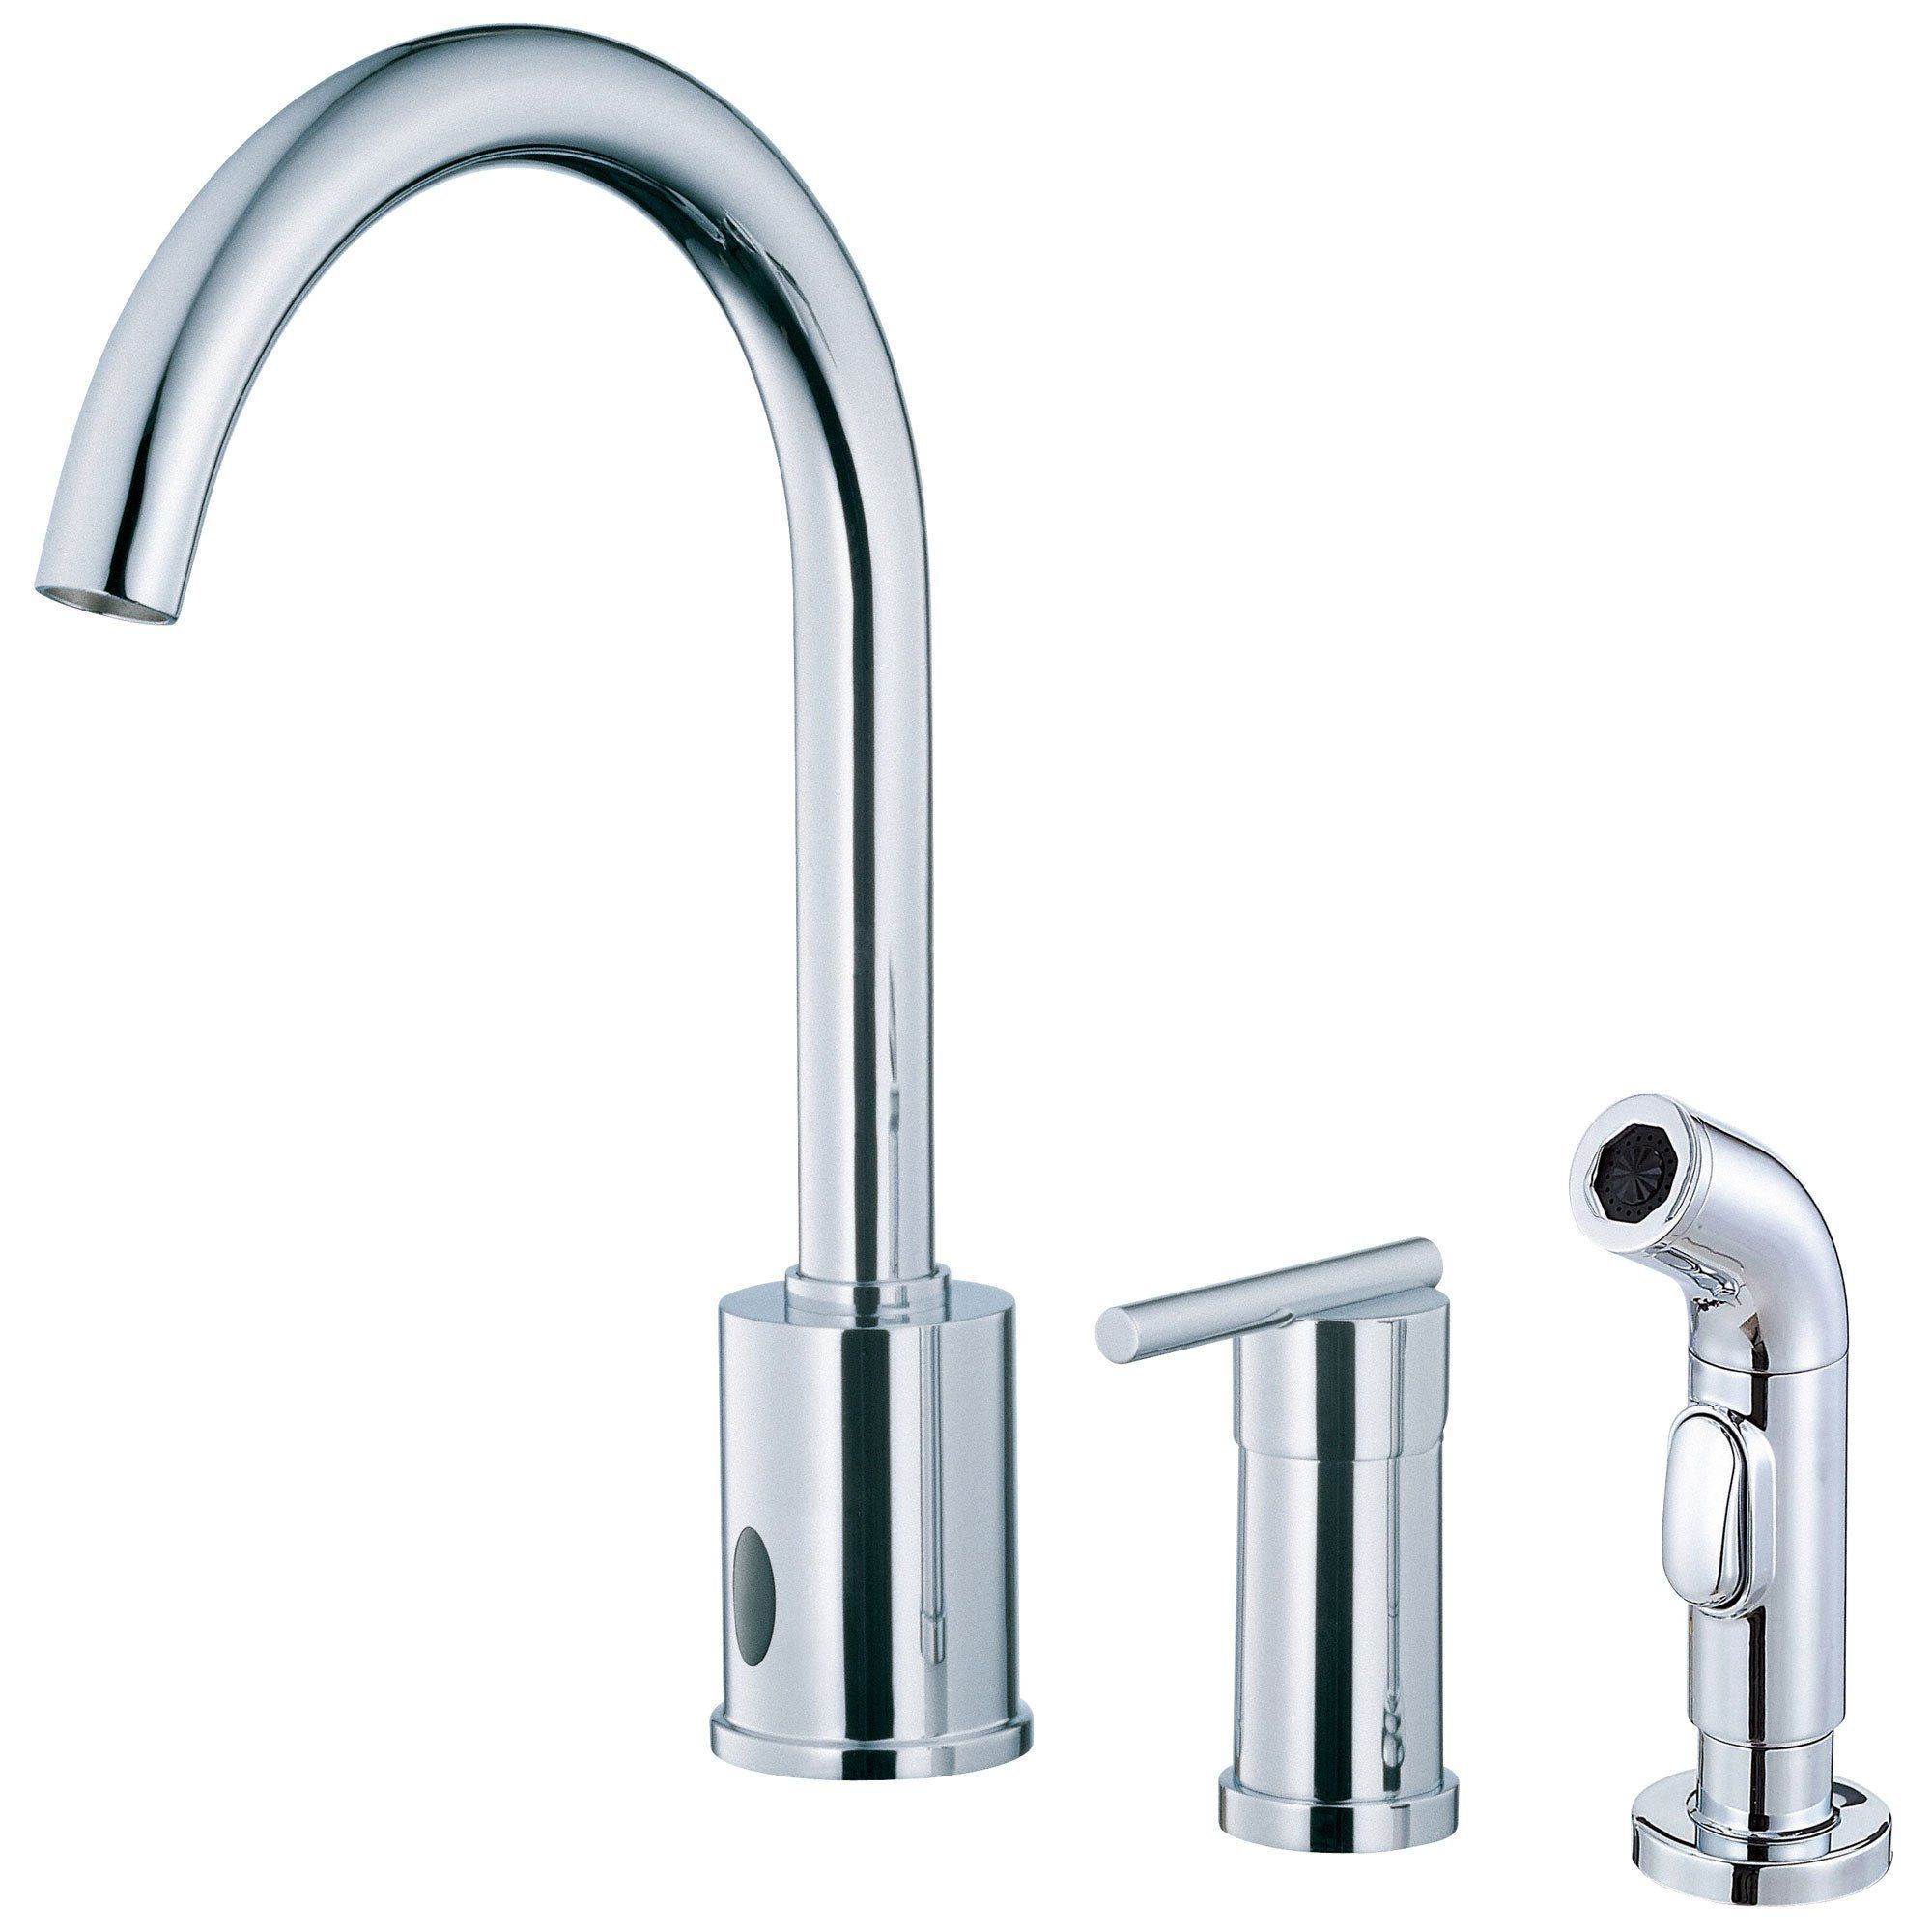 Danze Parma Chrome Electronic Eye Single Handle Kitchen Faucet